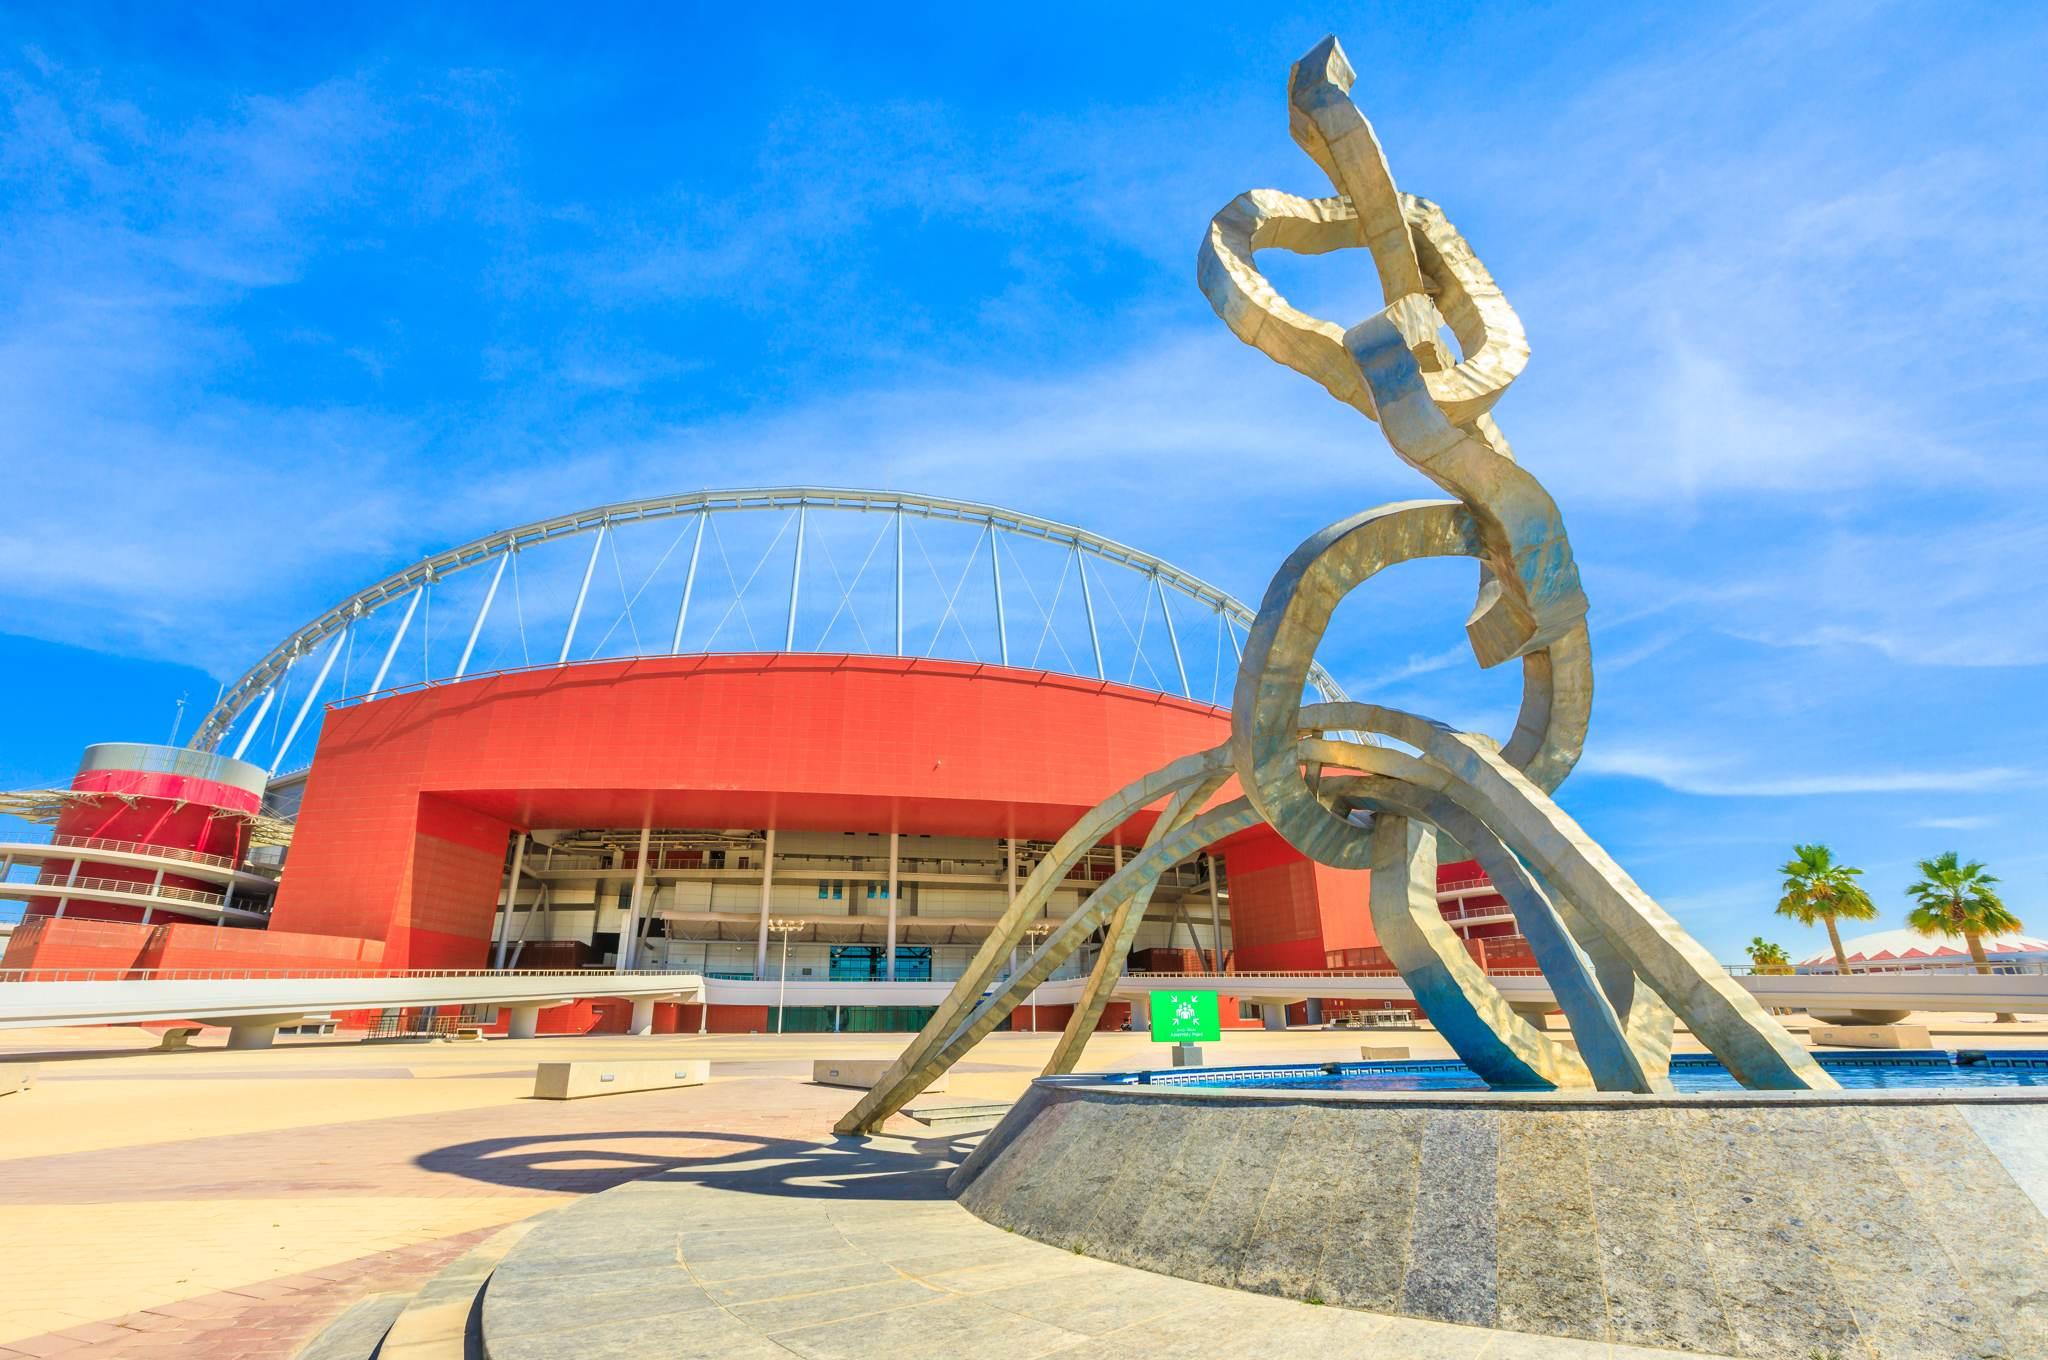 Die Top 5 ehemaliger olympischer Stätten - Olympic Ring Monument, Doha, Katar